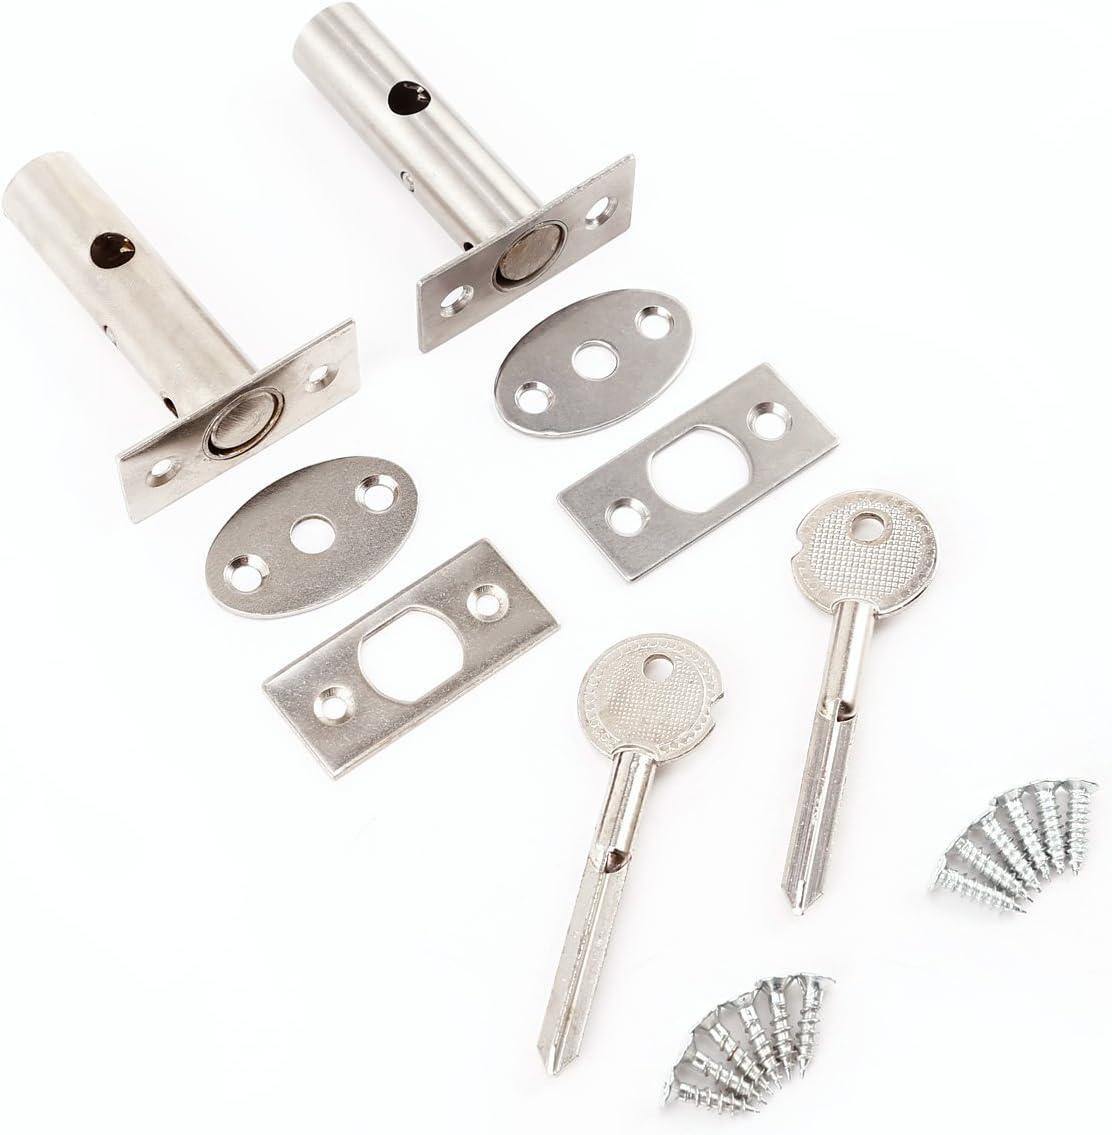 Llaves Security Door Bolts tornillos 2 set Cerradura Picaporte tubular inoxidable para puertas